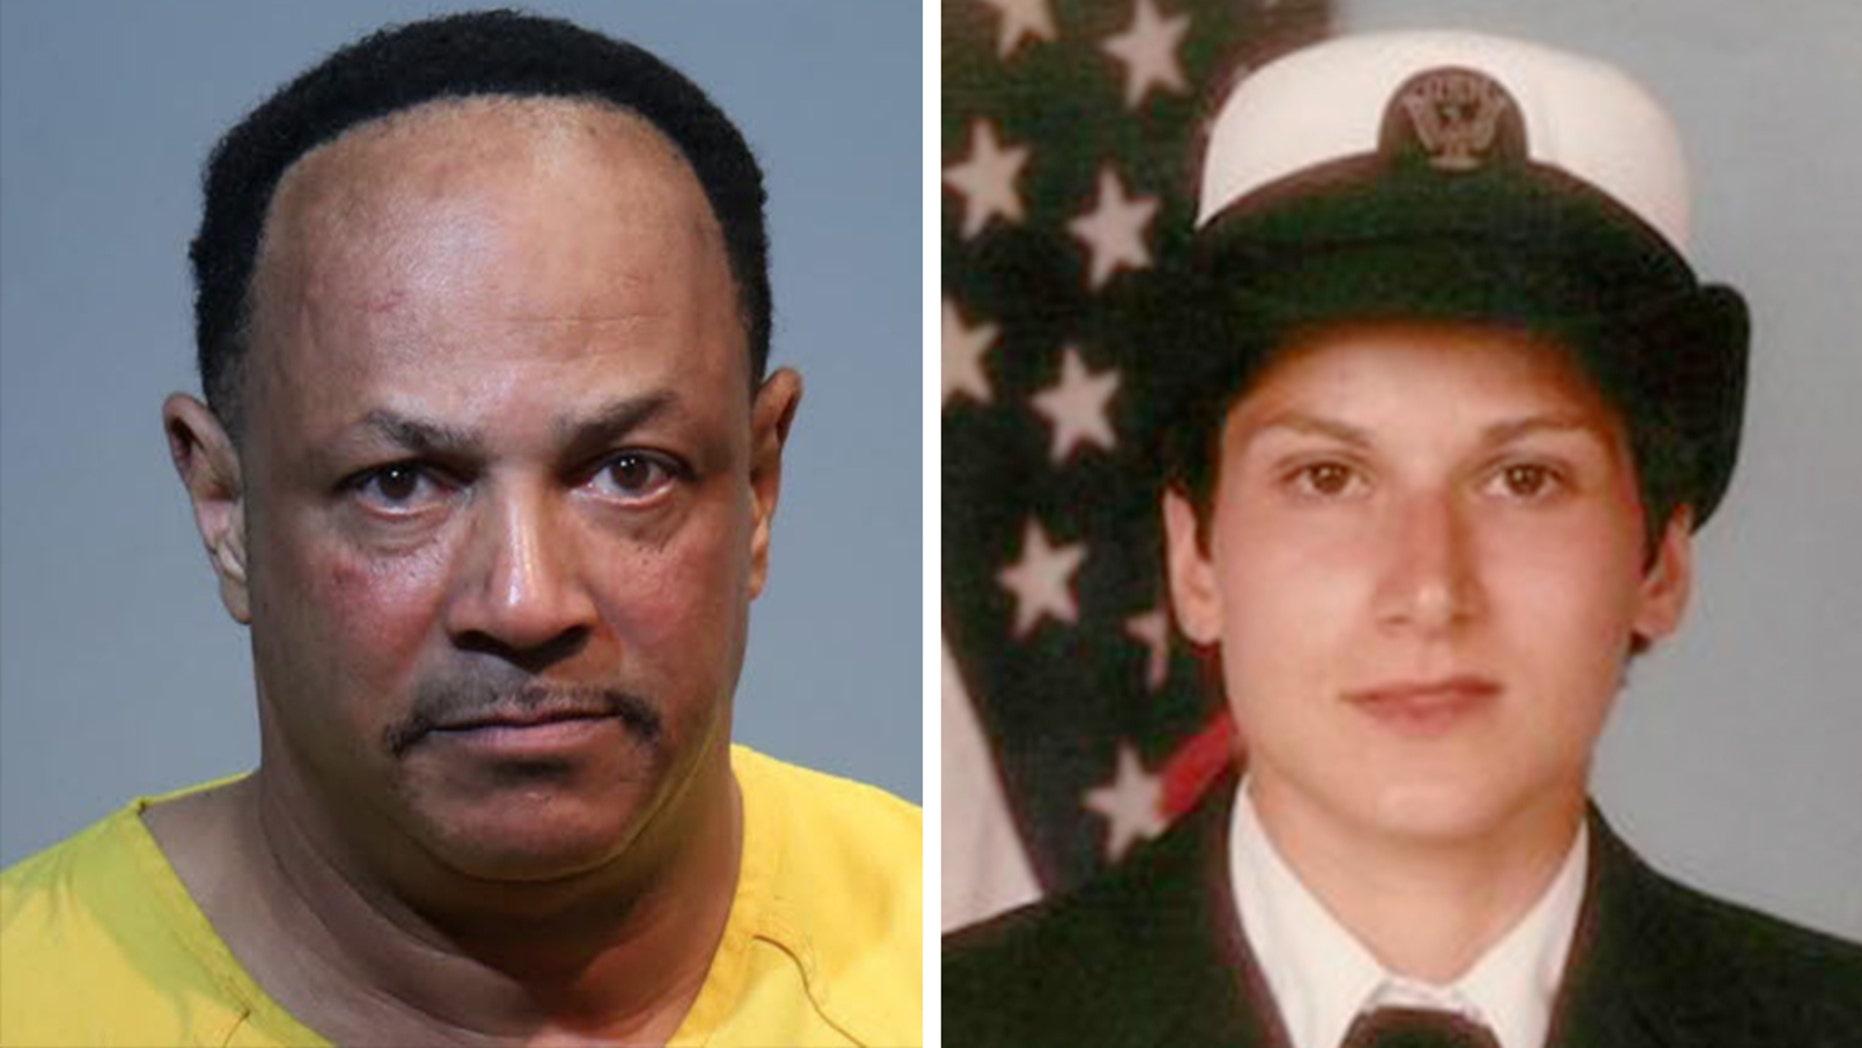 """Die Strafverfolgung in Florida gab am Donnerstag bekannt, dass ein Verdächtiger im Zusammenhang mit der jahrzehntealten Ermittlungen gegen einen Rekruten der Navy, der """"geschlagen und erdrosselt"""" wurde, festgenommen wurde."""